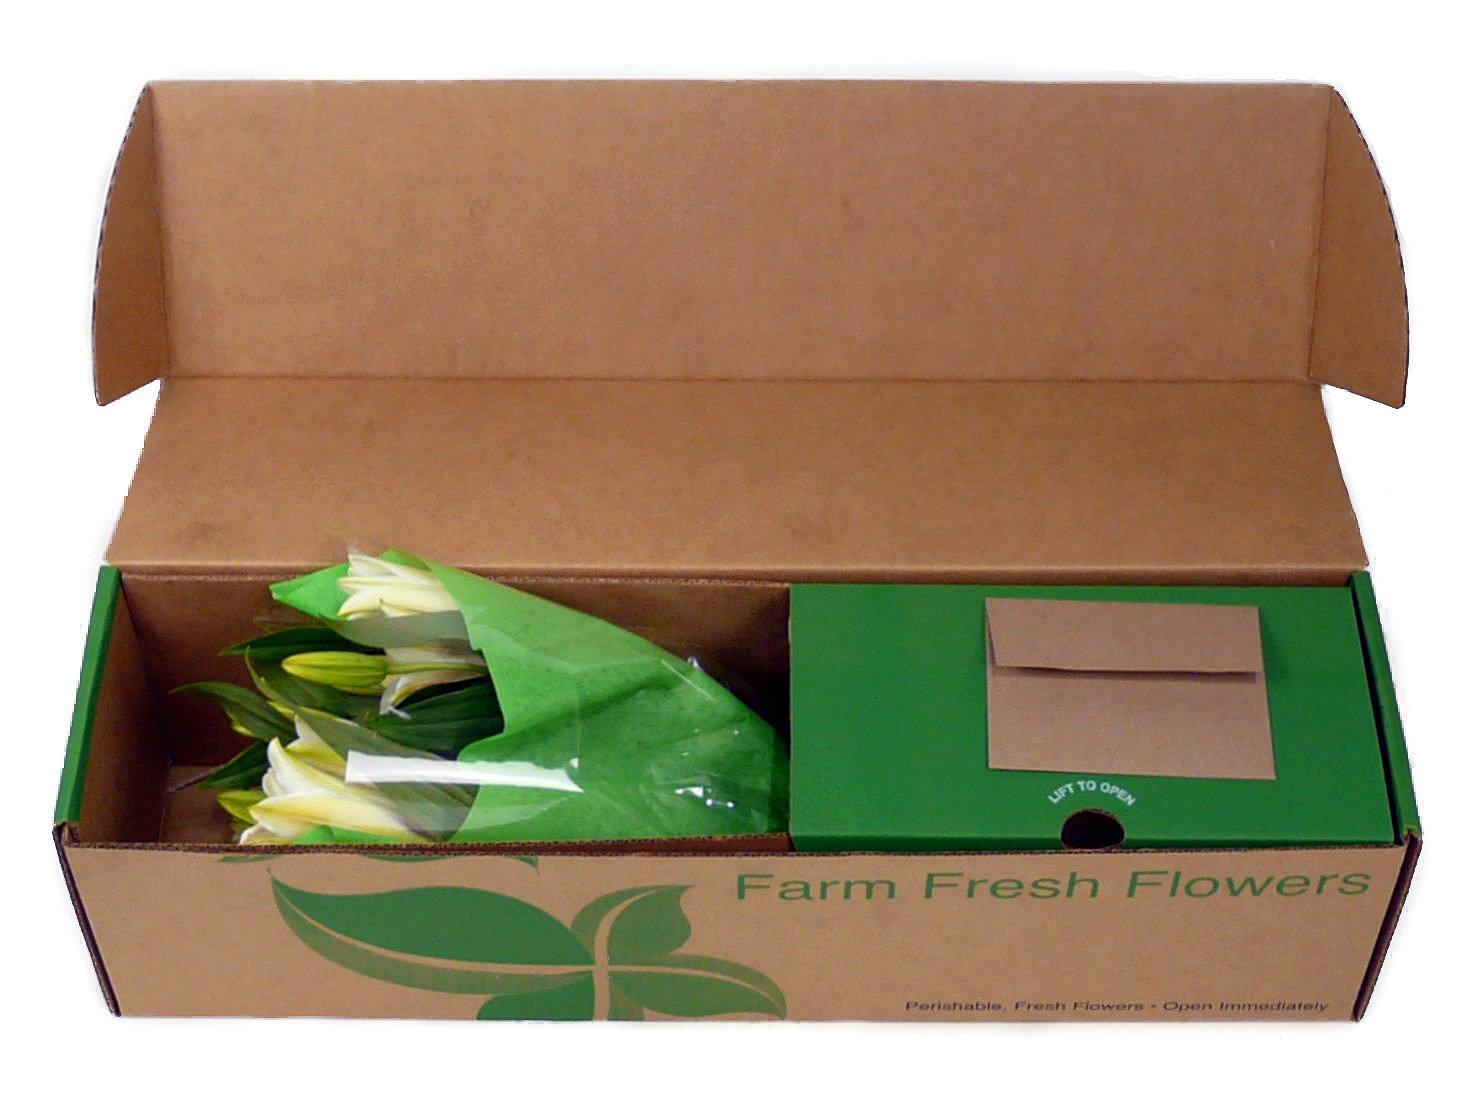 Amazon benchmark bouquets 8 stem stargazer lily bunch with amazon benchmark bouquets 8 stem stargazer lily bunch with vase fresh cut format lily flowers grocery gourmet food izmirmasajfo